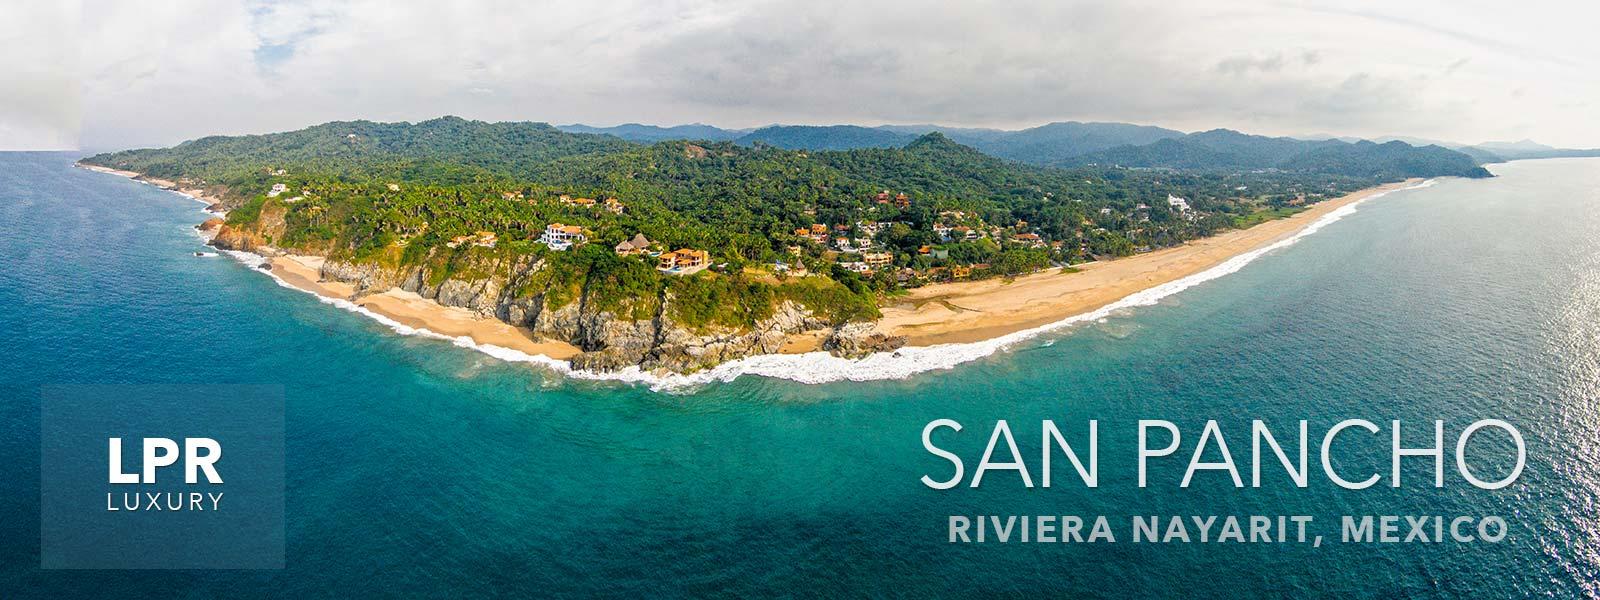 San Pancho Mexico - San Francisco, Riviera Nayarit